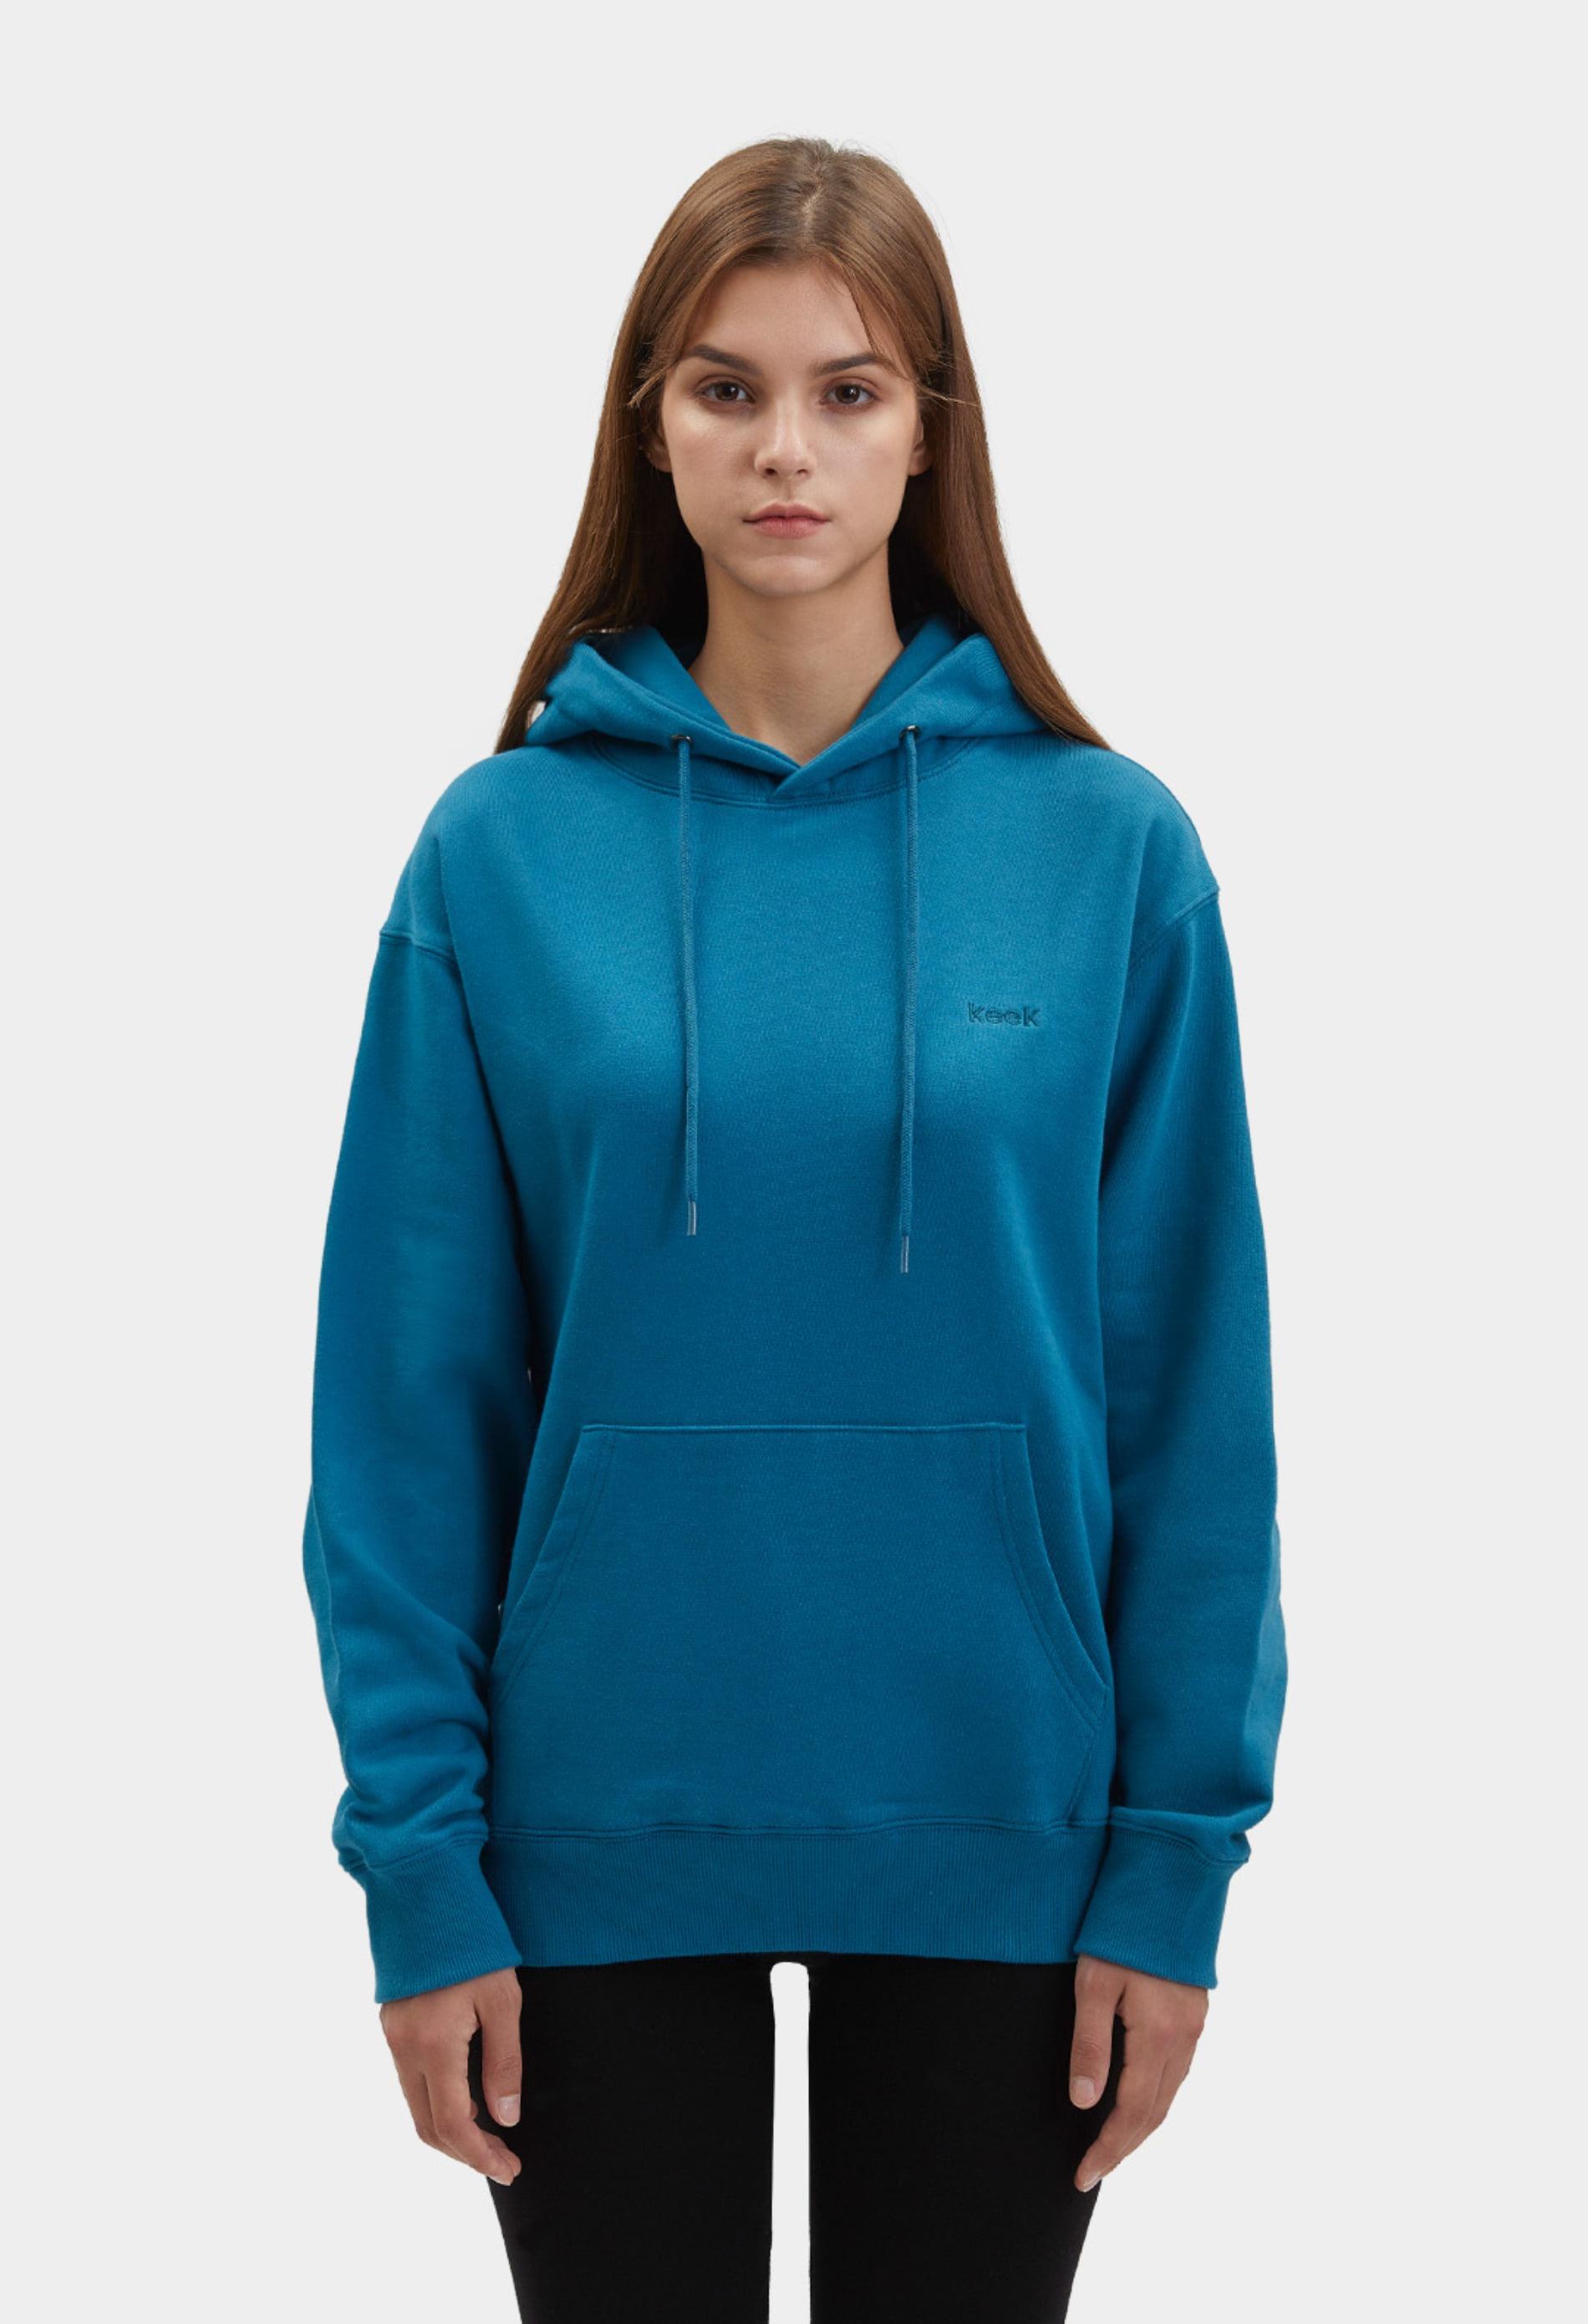 keek [Unisex] keek Hoodie - Blue 스트릿패션 유니섹스브랜드 커플시밀러룩 남자쇼핑몰 여성의류쇼핑몰 후드티 힙색